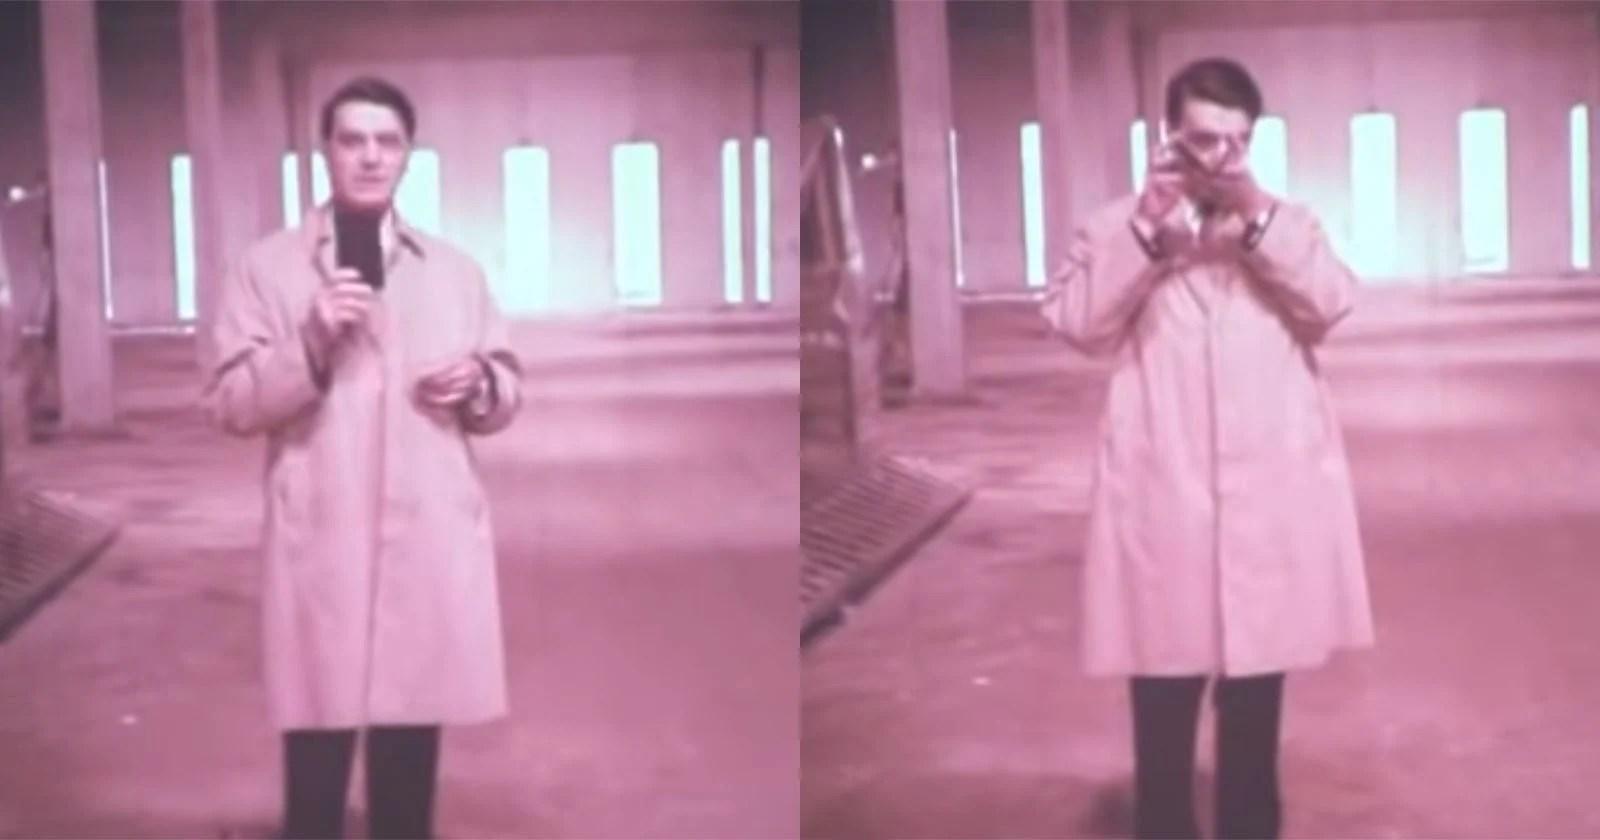 Il fondatore di Polaroid Edwin Land aveva previsto la fotocamera per smartphone nel 1970